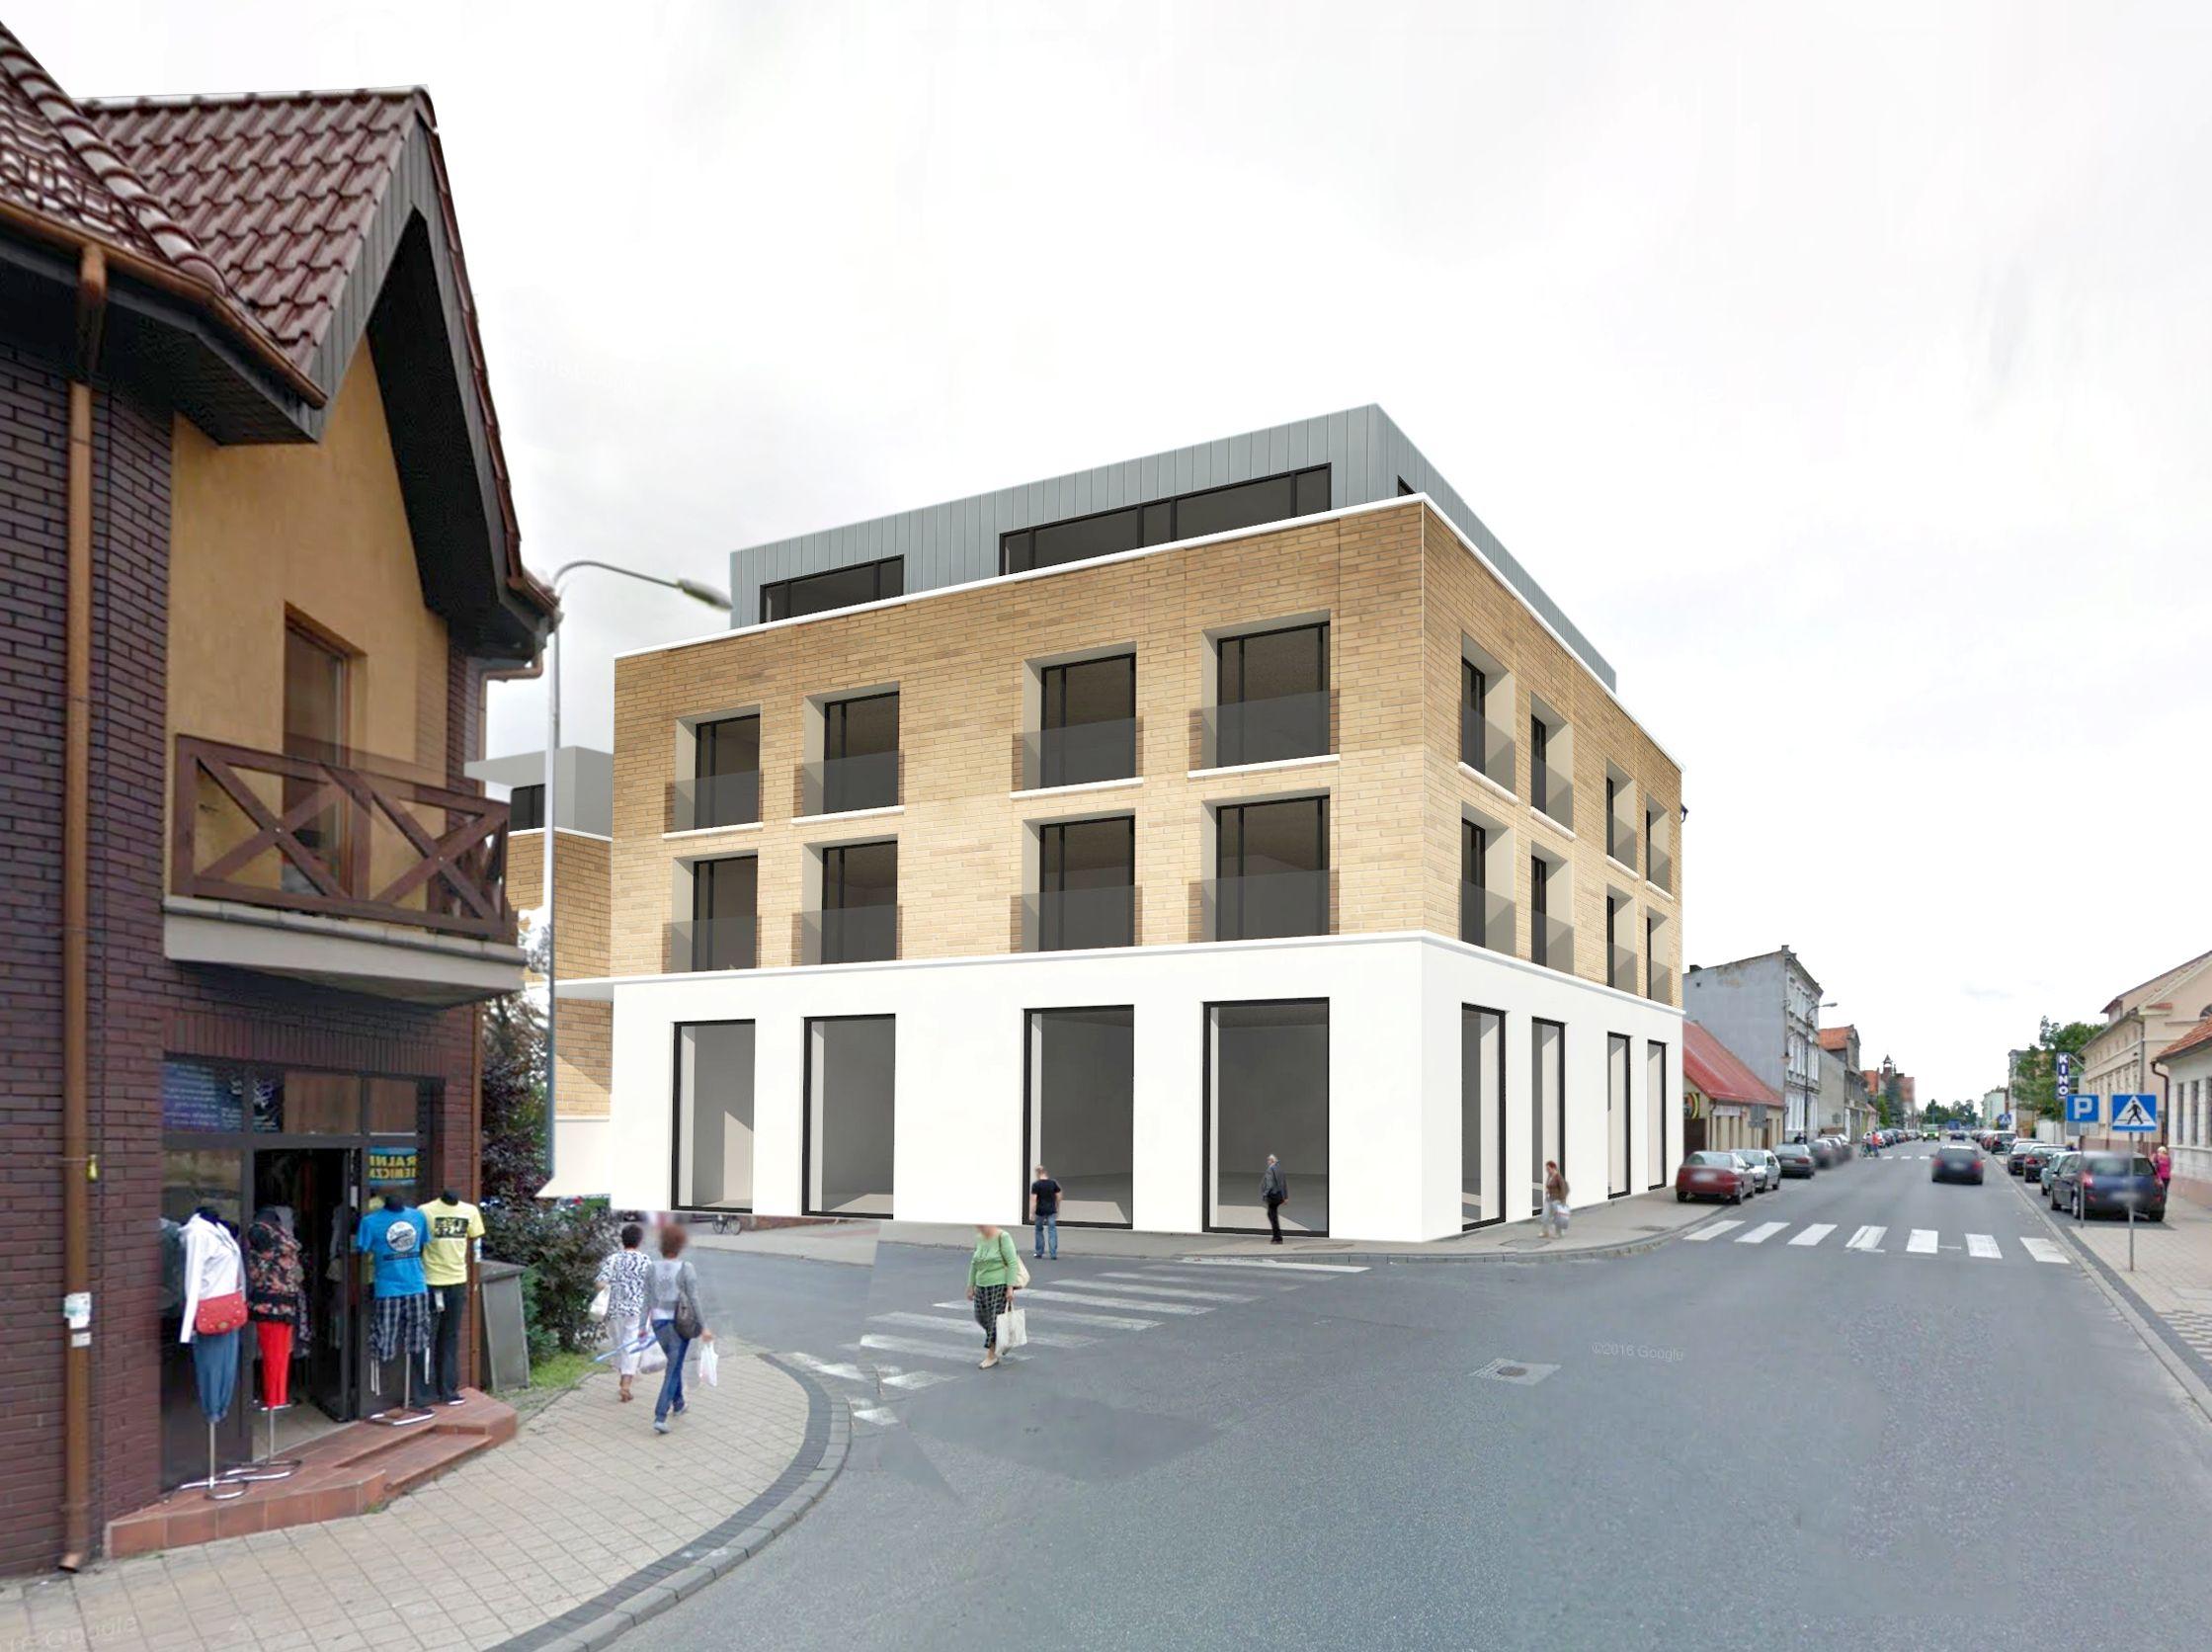 Wyburzą stary budynek w centrum Pleszewa. Gdzie przeniosą instytucje? - Zdjęcie główne